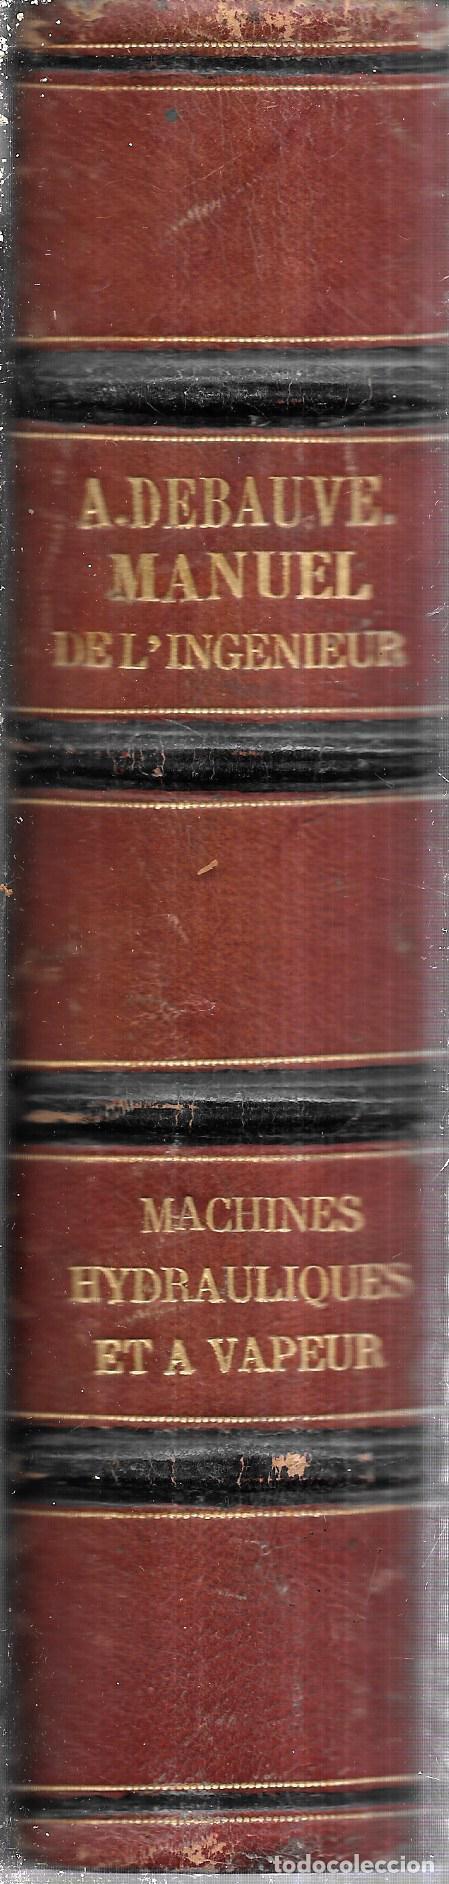 Libros antiguos: MANUEL L´INGENIEUR DES PONTS ET CHAUSSEES. MECANIQUE, MACHINES HYDRAULIQUES ET A VAPEUR. 1873. PARIS - Foto 7 - 114765059